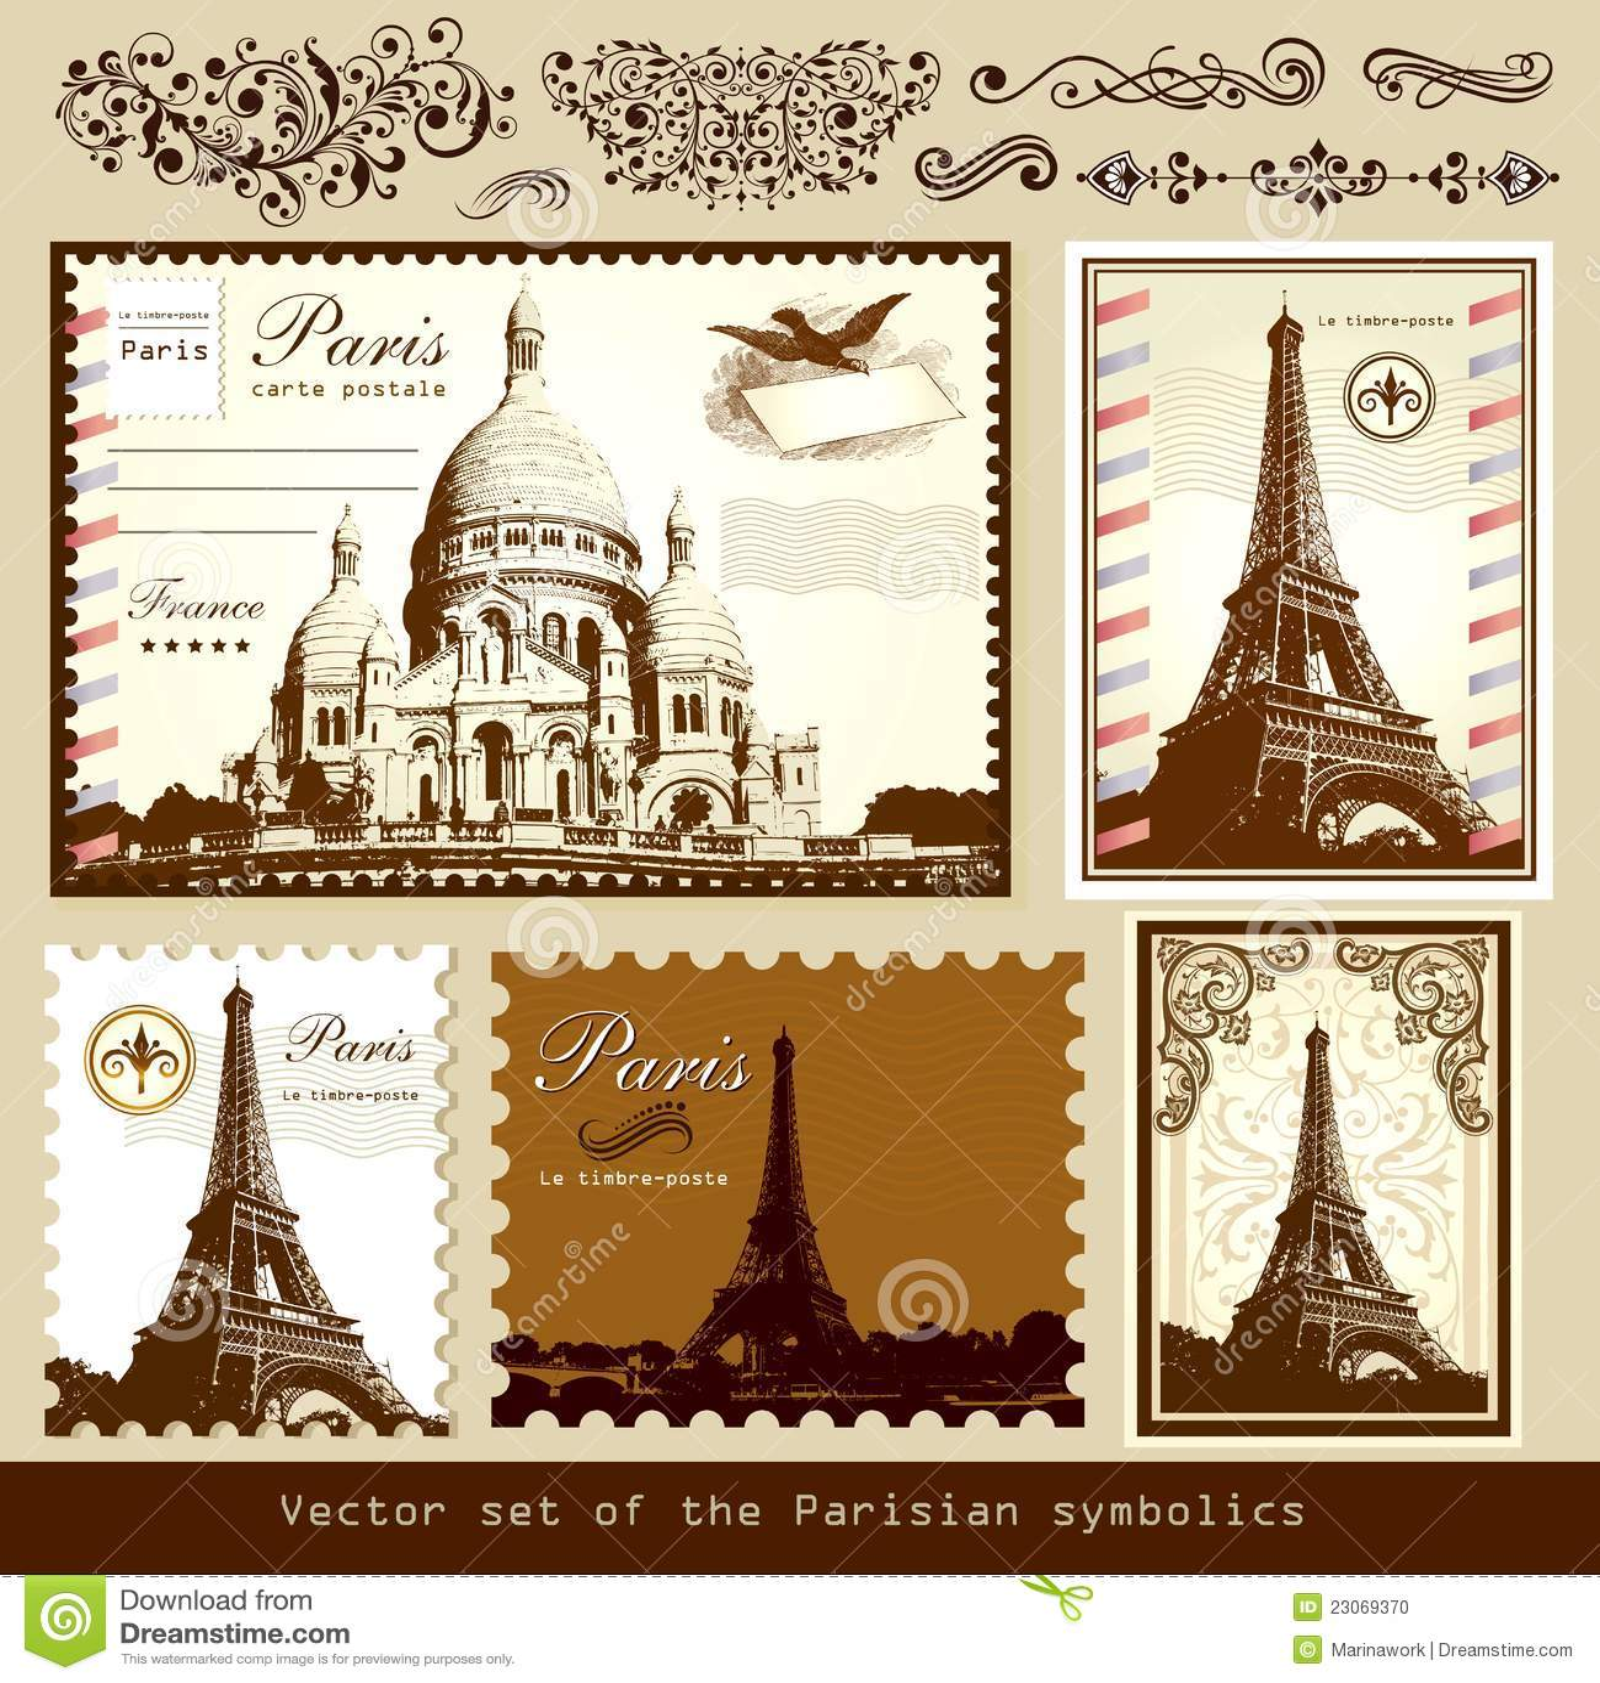 Old paris street map royalty free stock photo image 15885665 - Landmarks Och Symboler Av Paris Arkivfoto